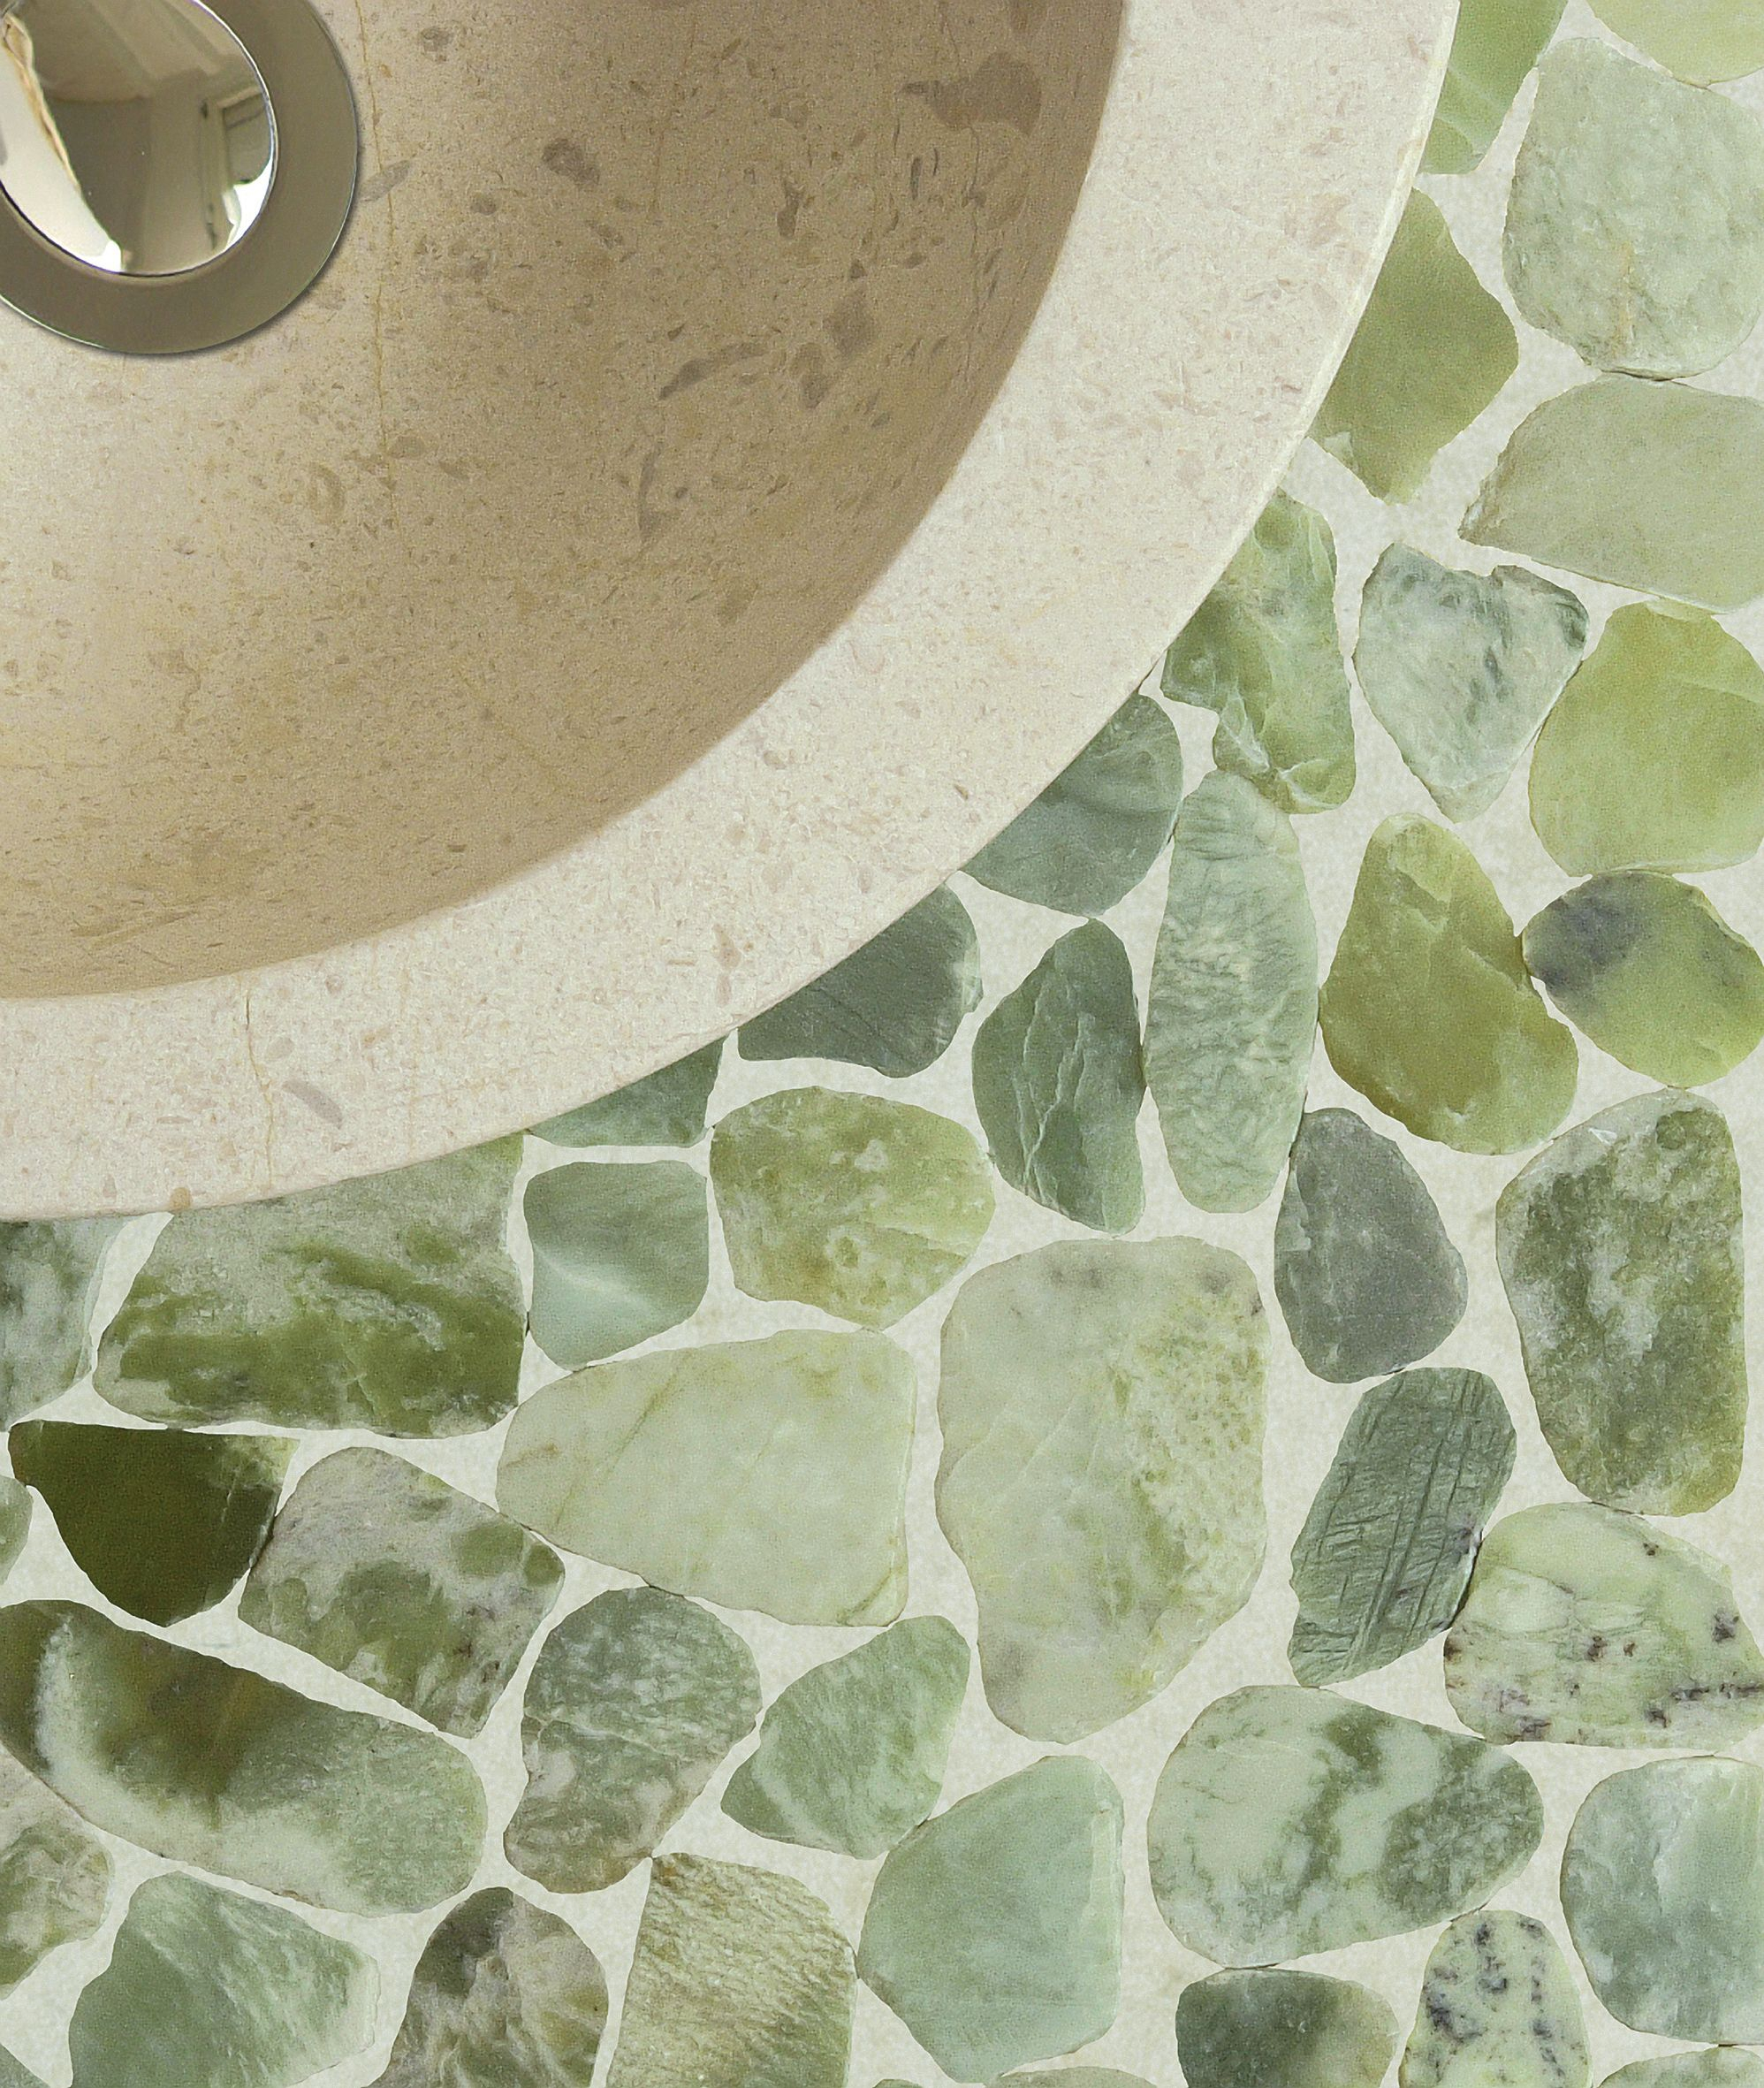 Les Mosaïques Par Bati Orient Shower Floor Tiles 4 Less 34 99 Square Foot